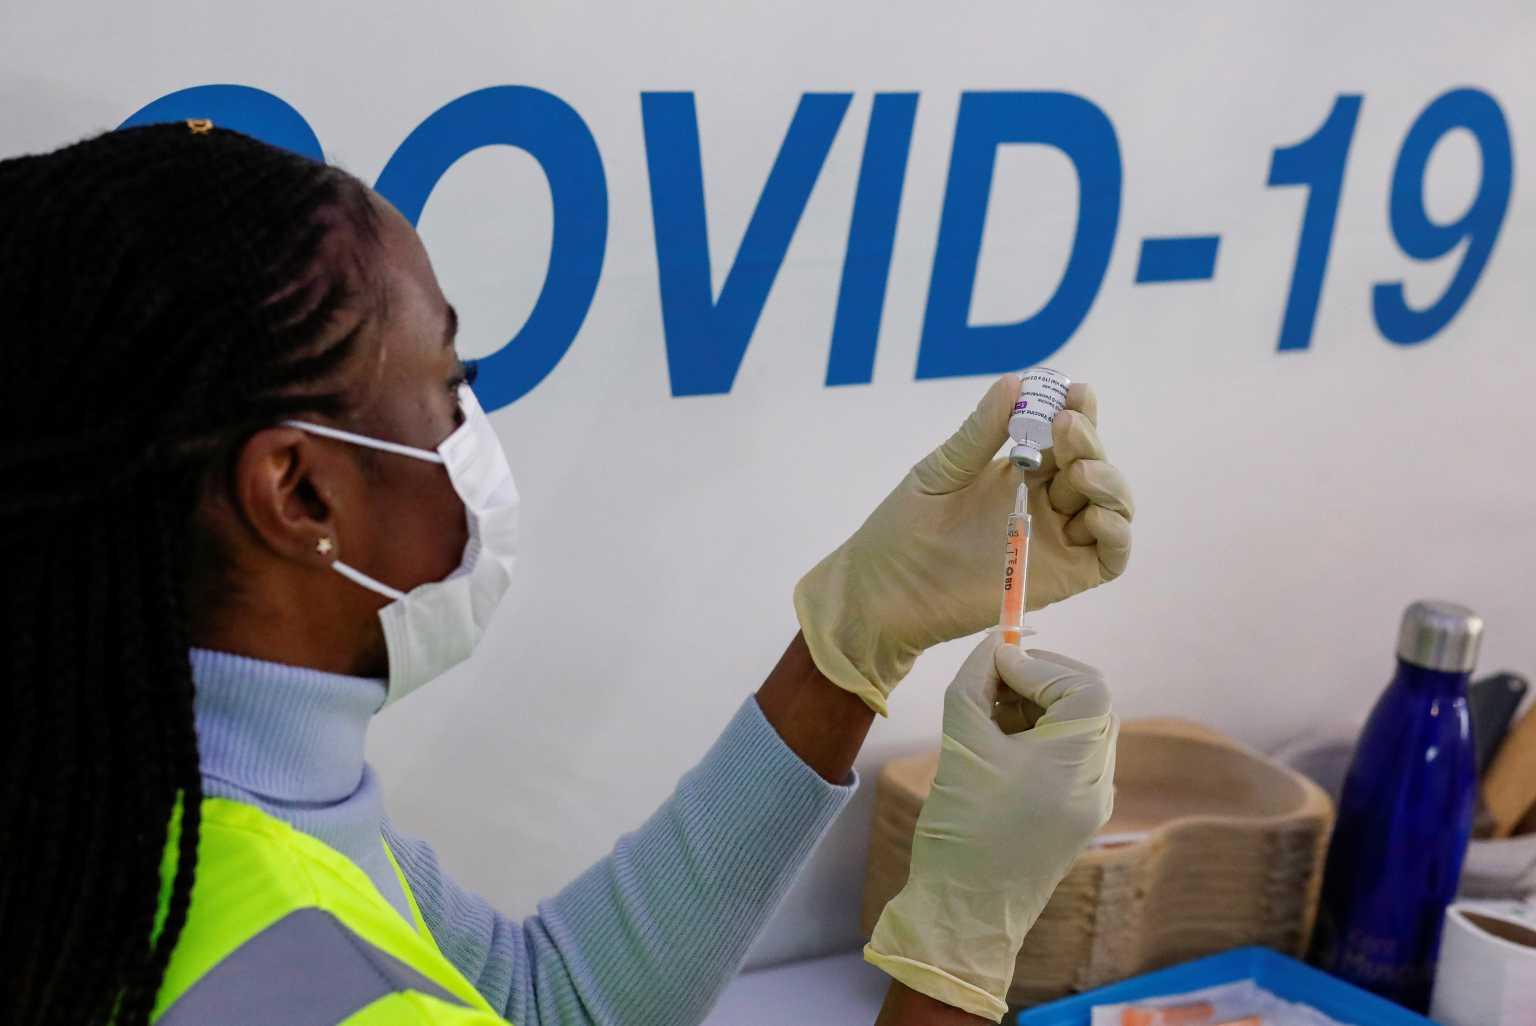 Κορονοϊός – ΠΟΥ: Τα εμβόλια από μόνα τους δεν θα σταματήσουν την πανδημία